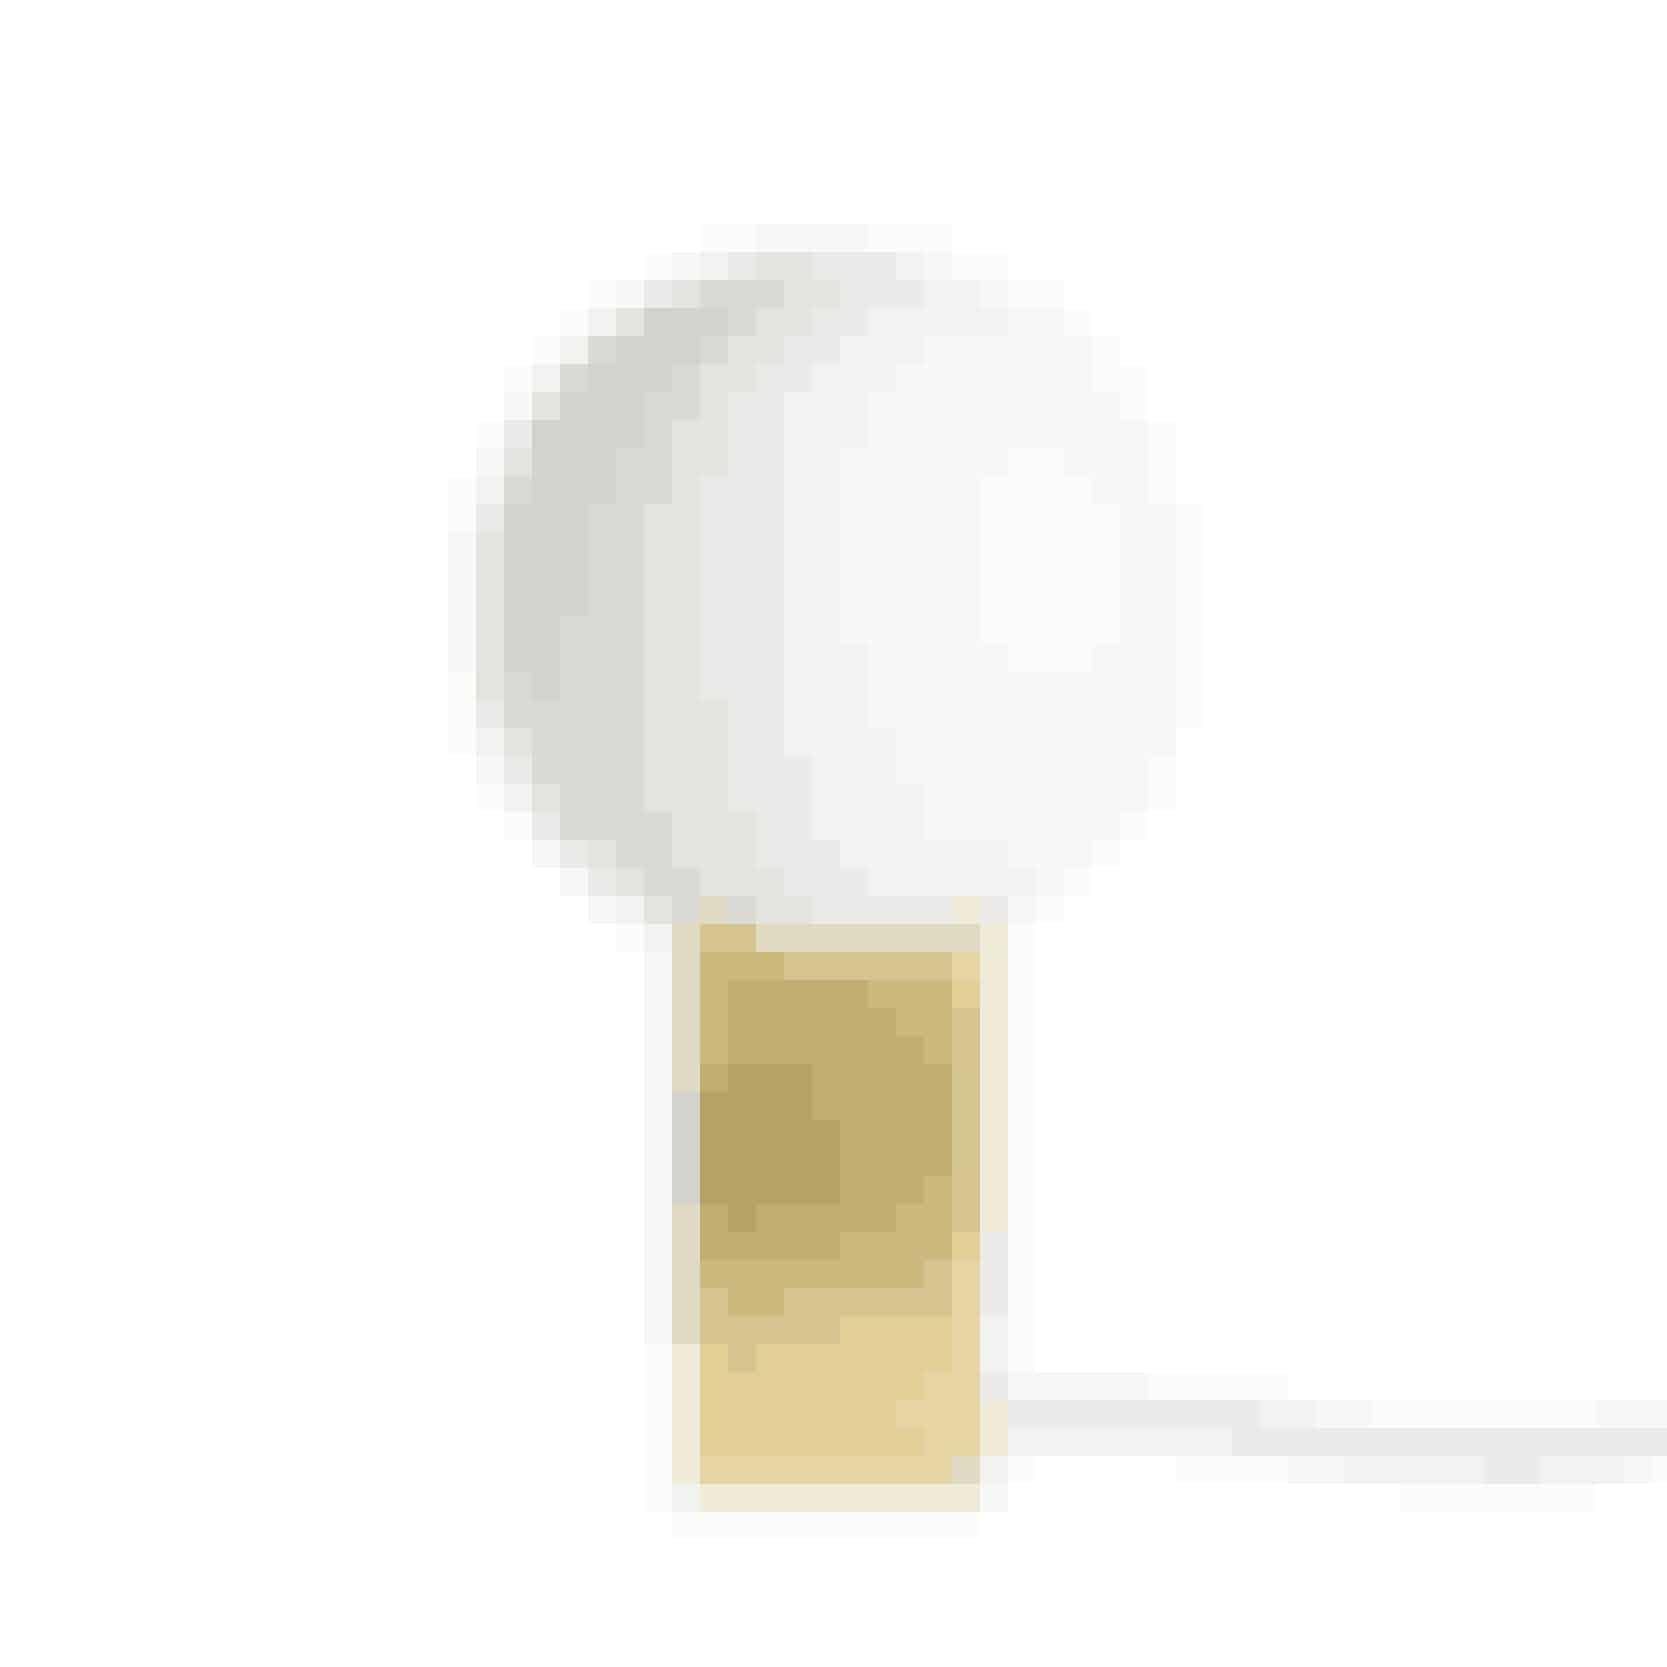 'Hoop'-gulvlampe, 101 Copenhagen, 2.900 kr.Køb online her.